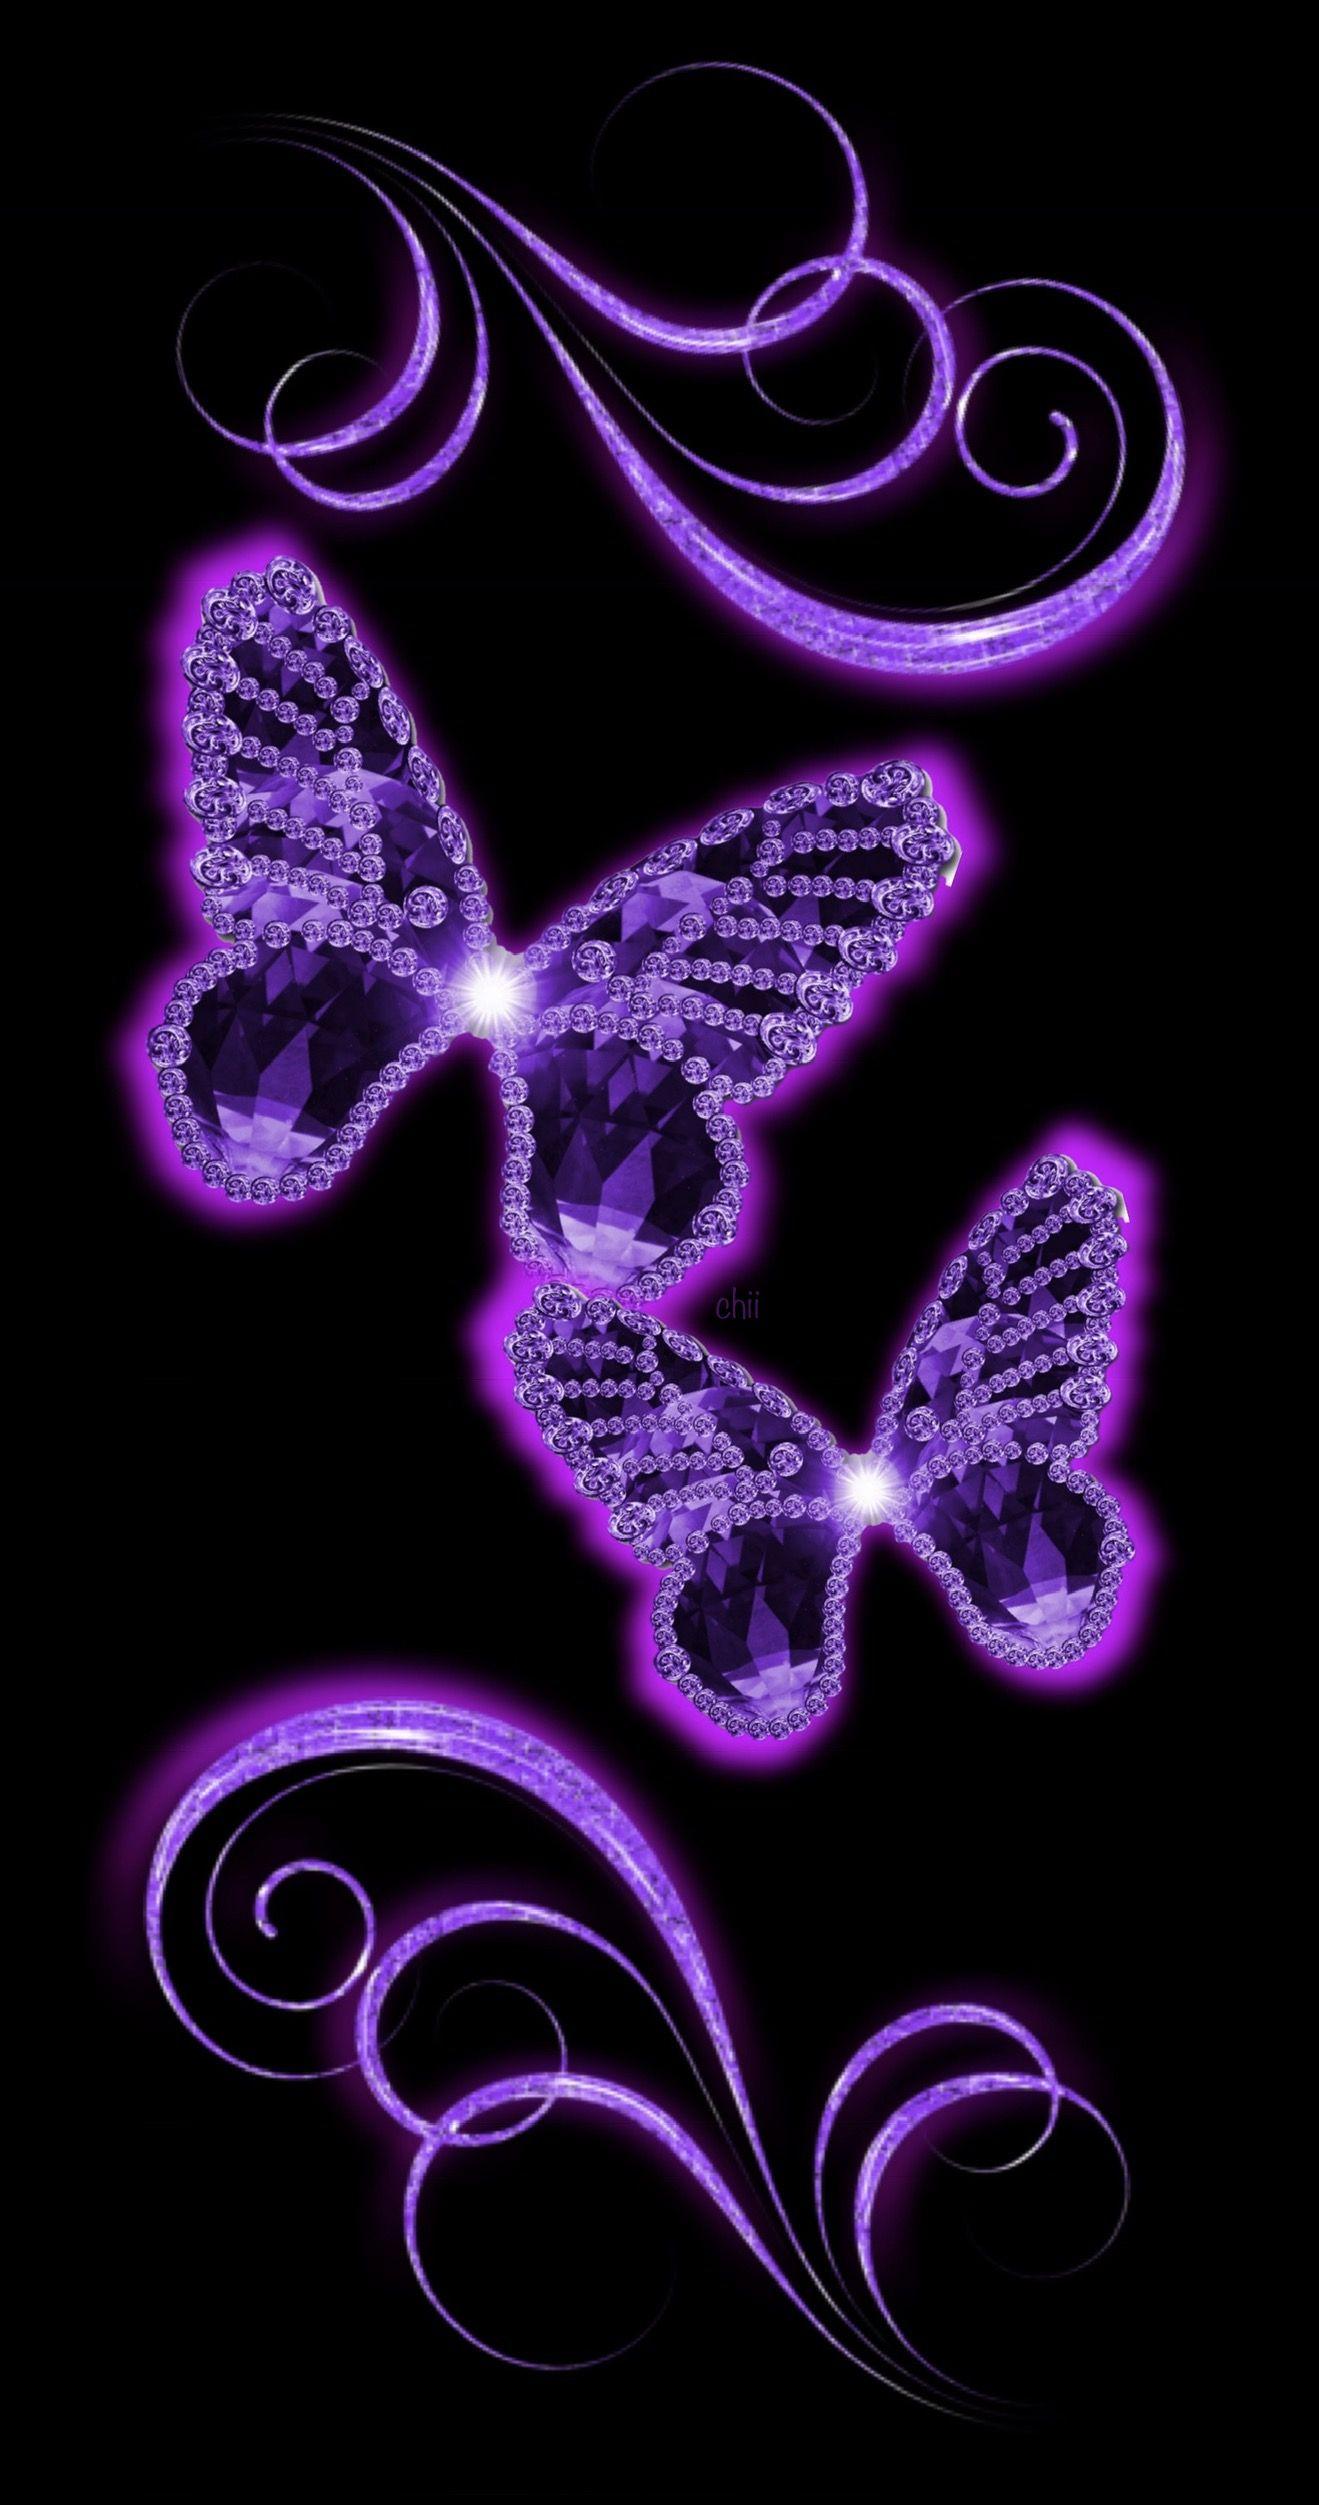 Butterfly Wallpaper Aesthetic Purple